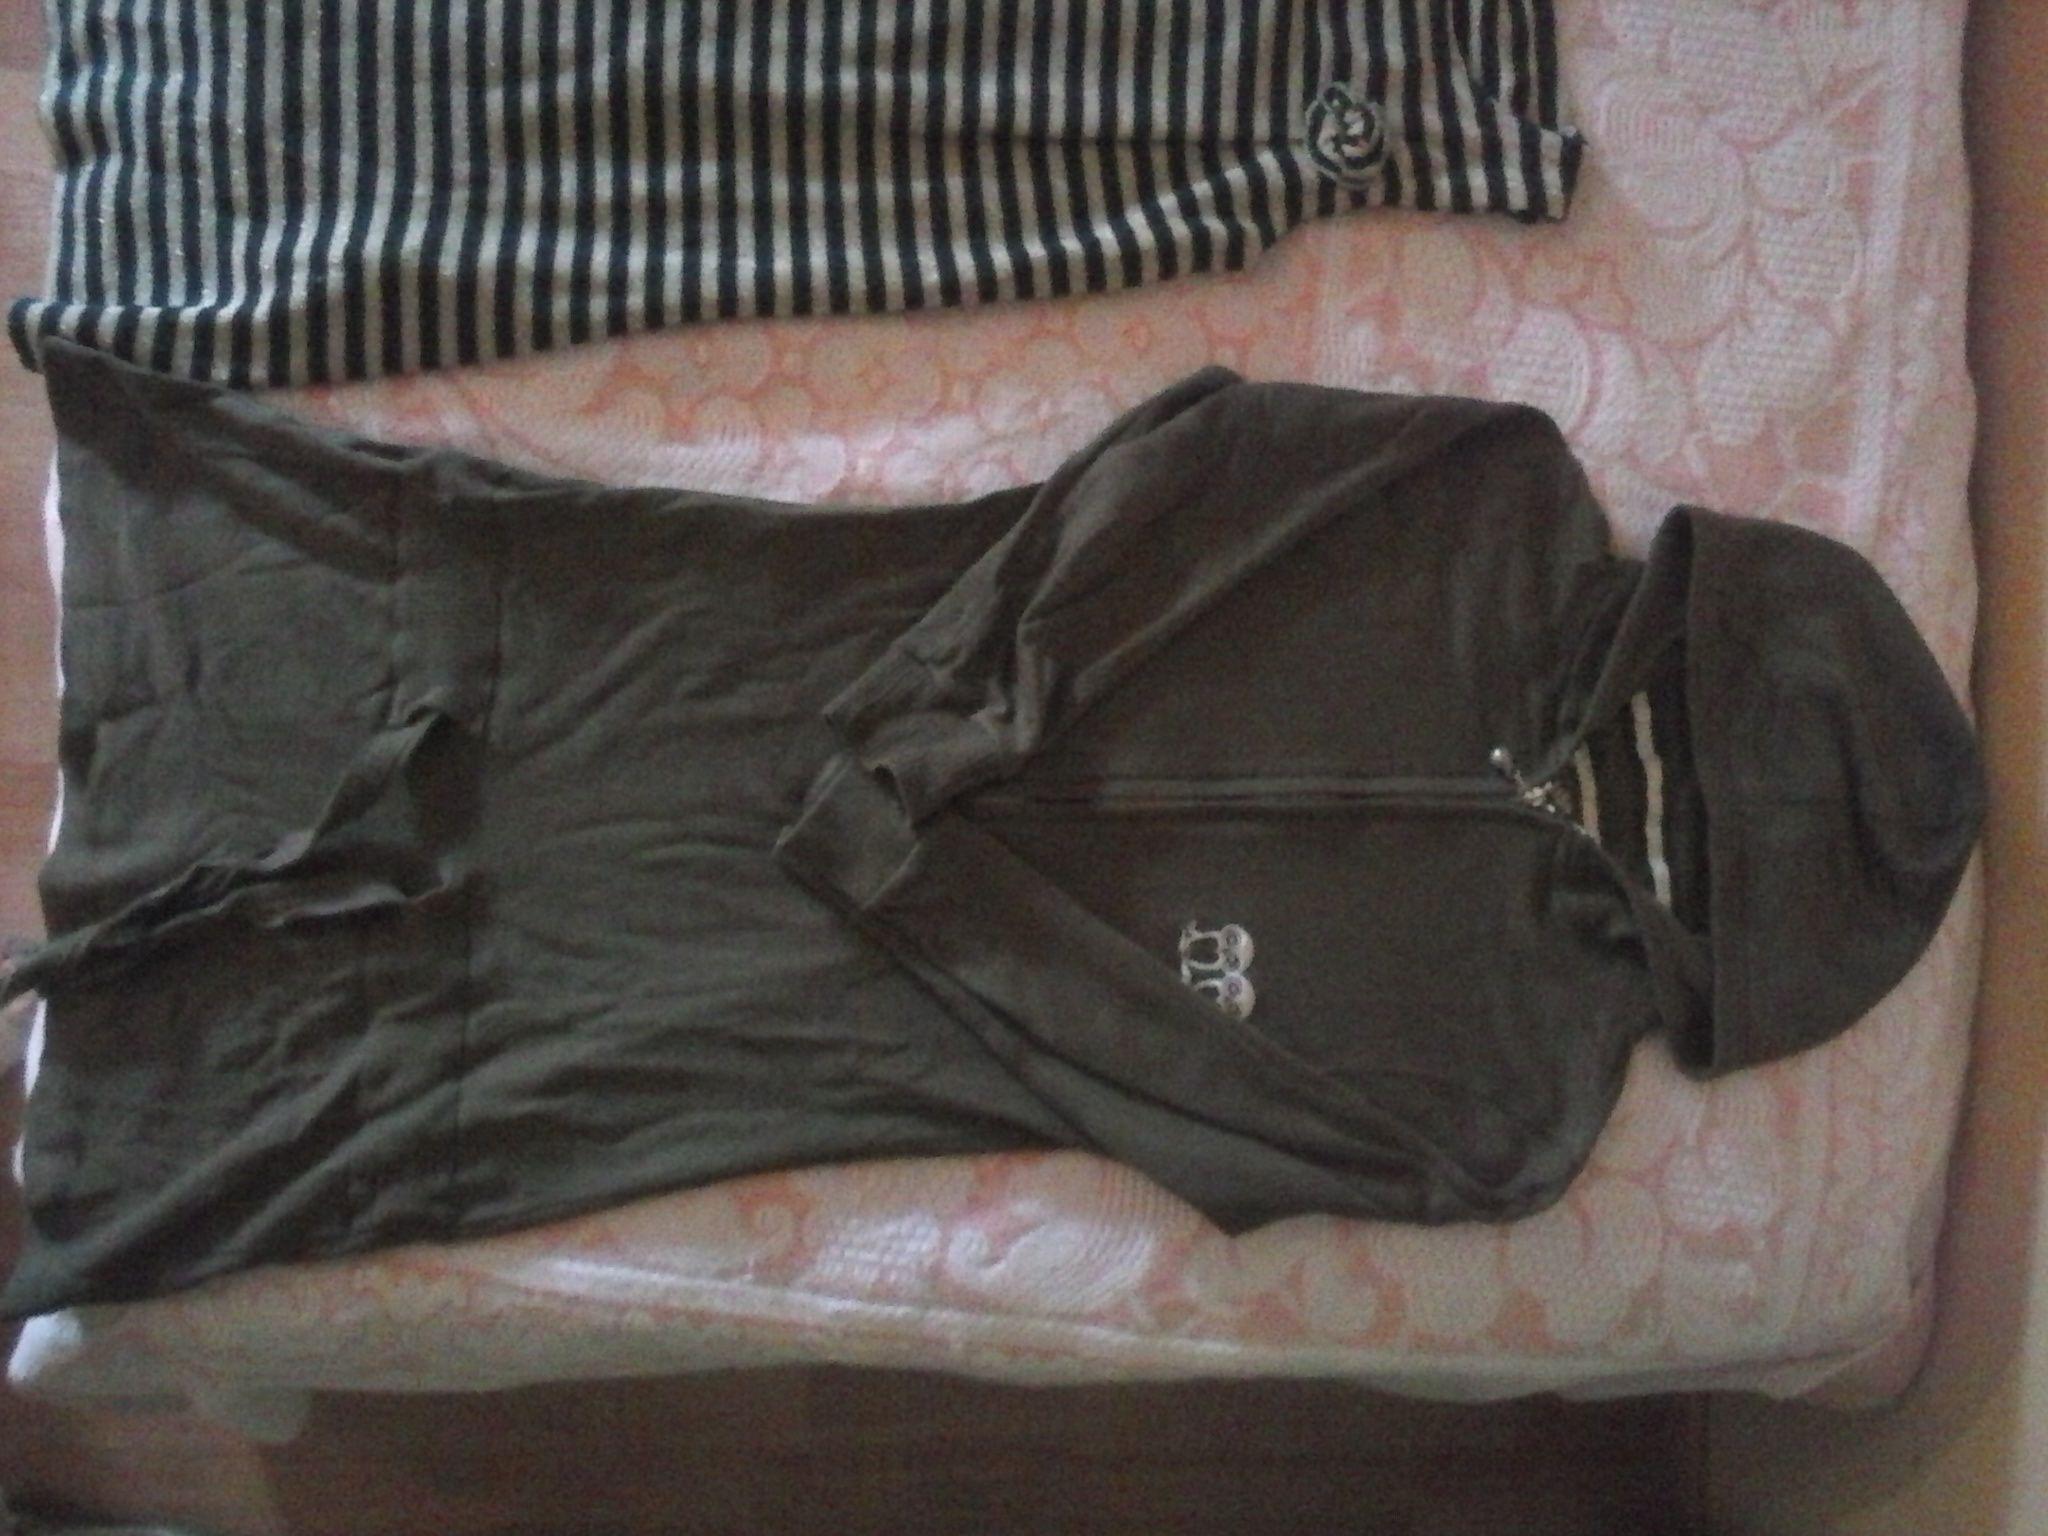 (Αττική) Παιδικά ρούχα   υποδήματα • Ρούχα για κορίτσι 7-10 ετών  1. Πλεκτό  φόρεμα Zara 8-10 2. Φόρεμα φούτερ με κουκούλα 8-10 3. 52ce7b9637e